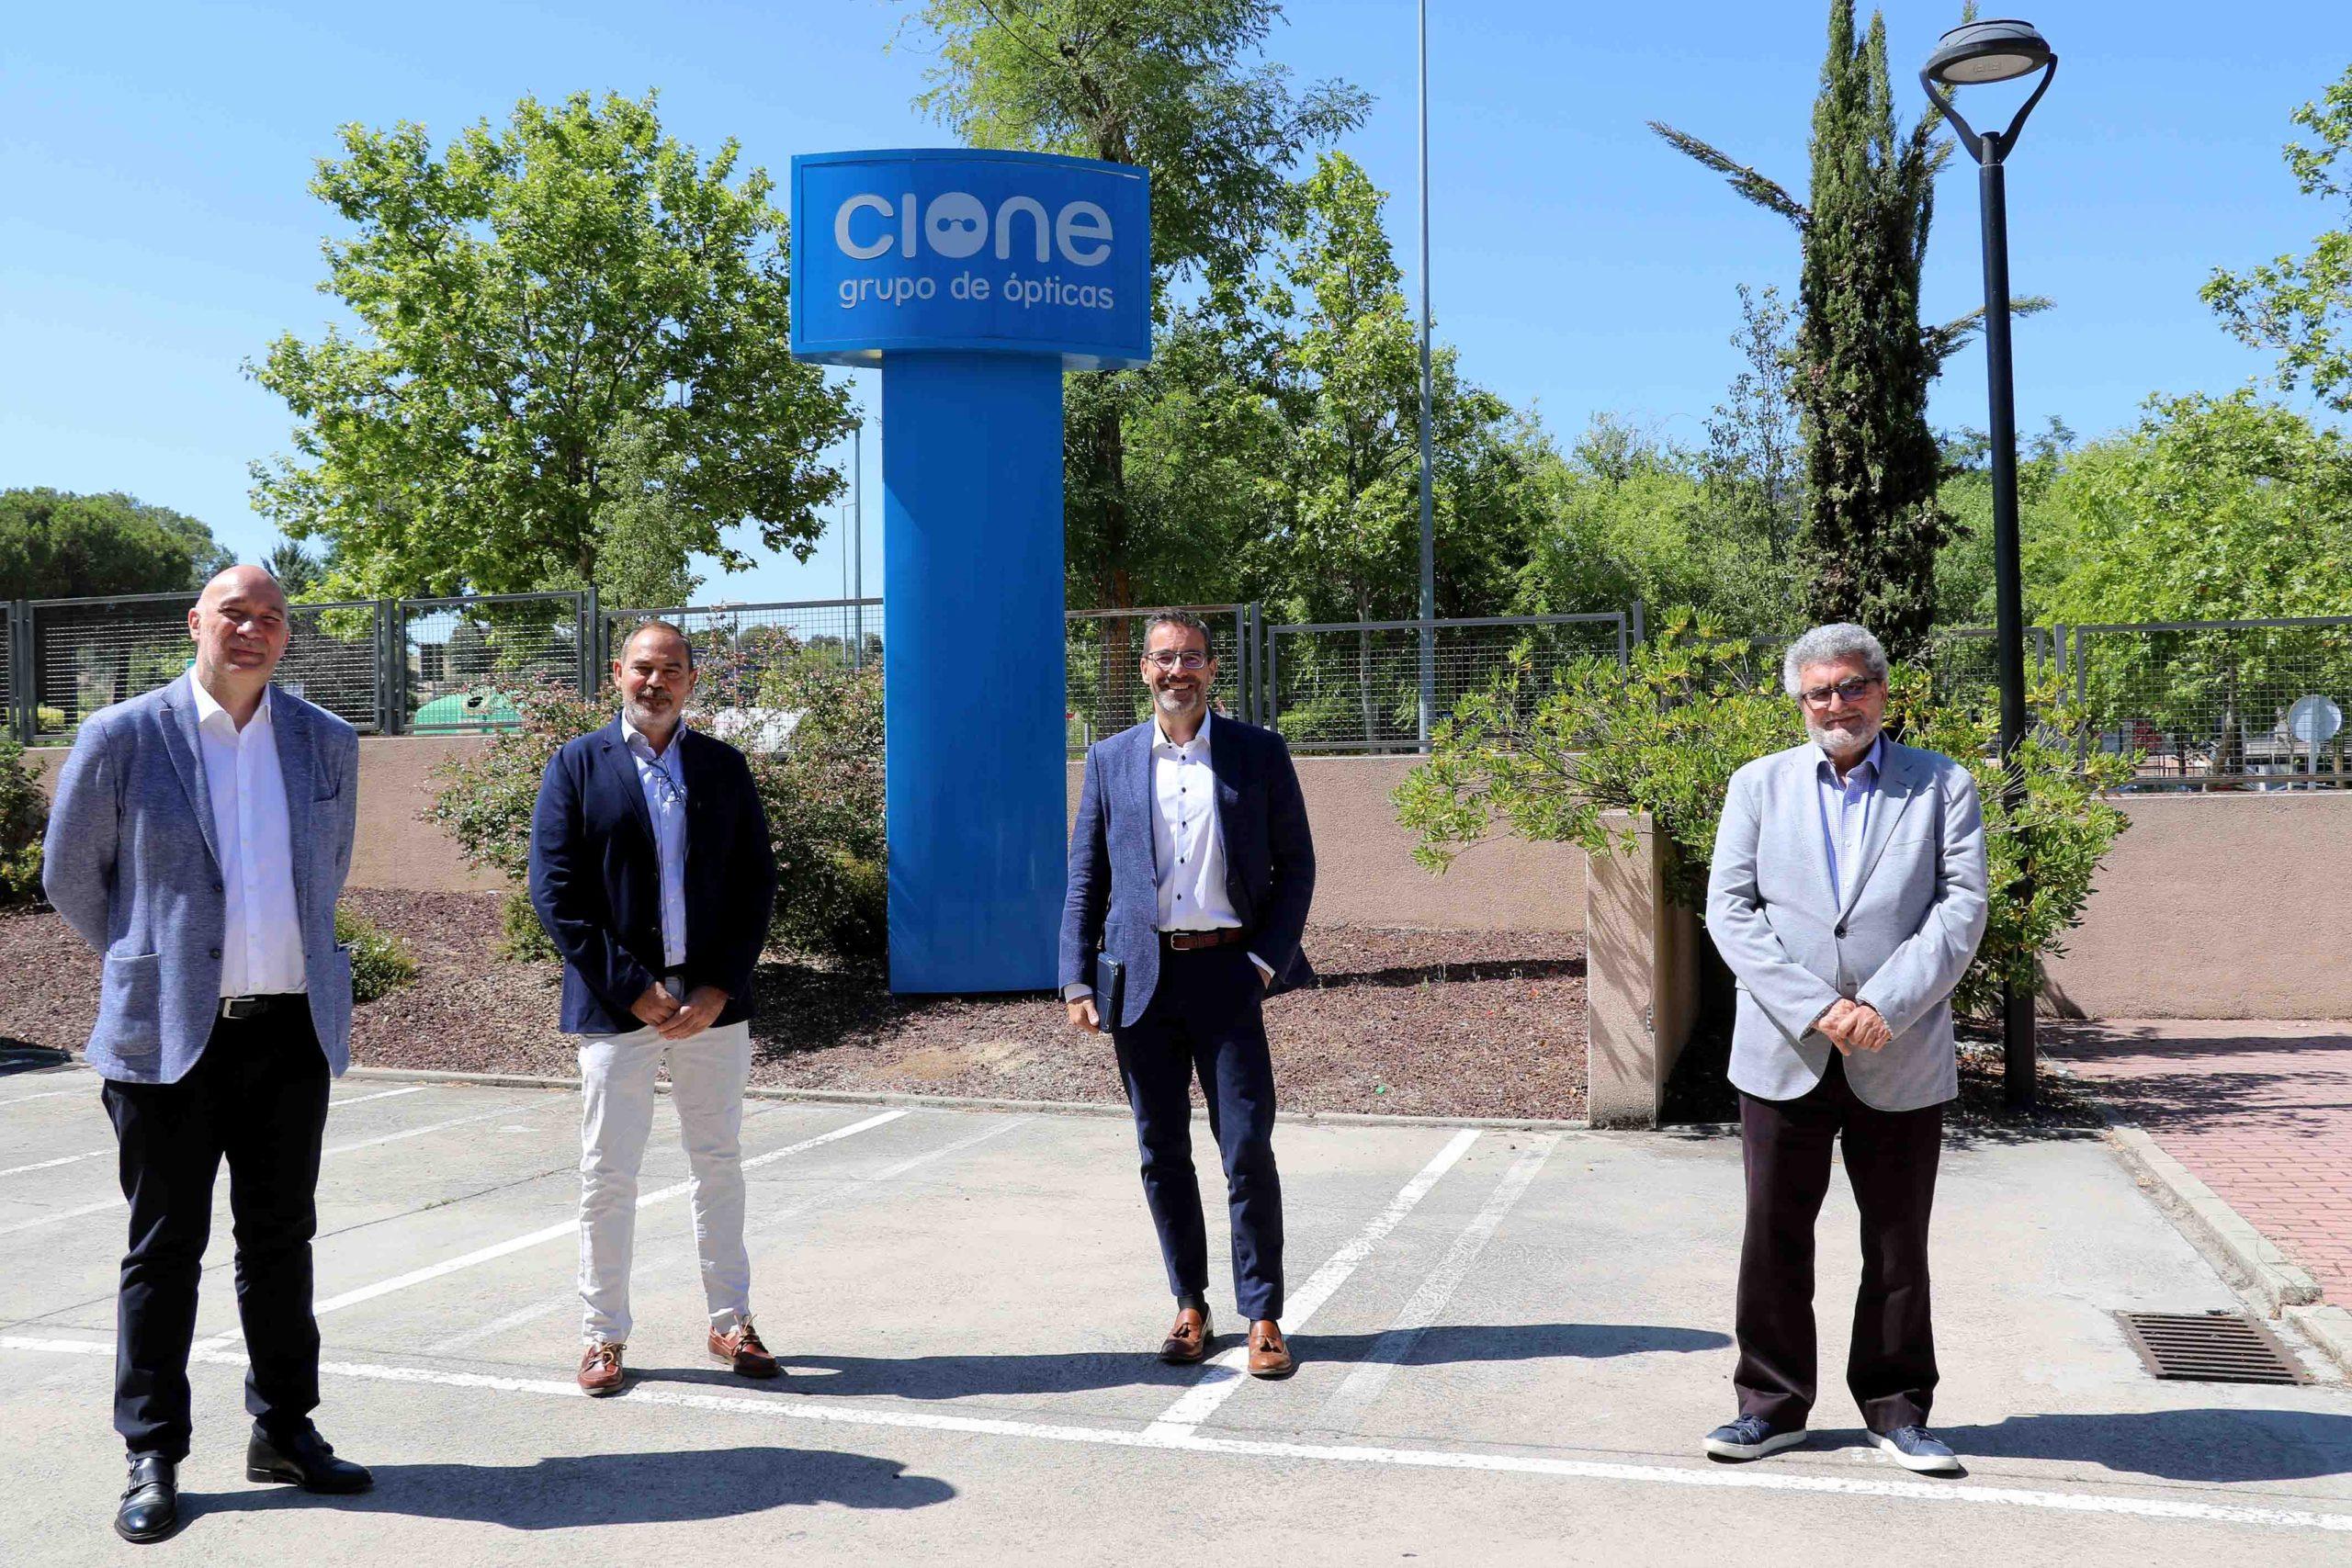 Cione y ZEISS refuerzan su alianza estratégica